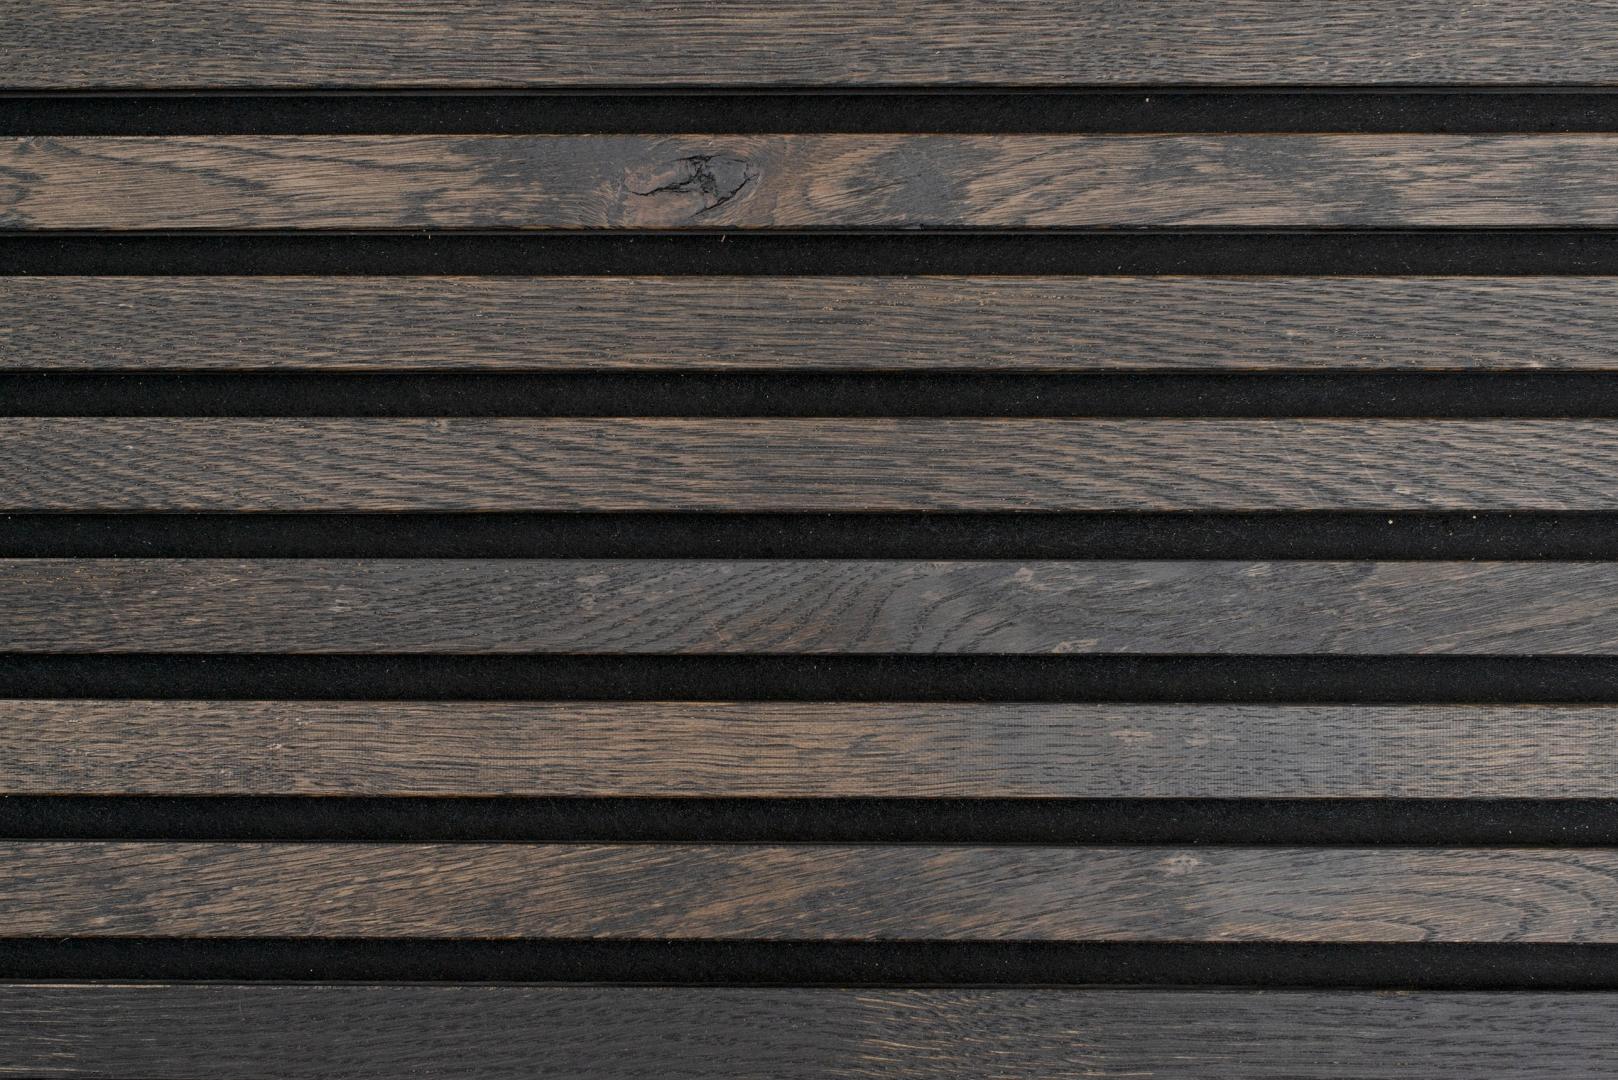 Akoestisch Paneel Nawood Eiken Black Forest 600x3000 mm